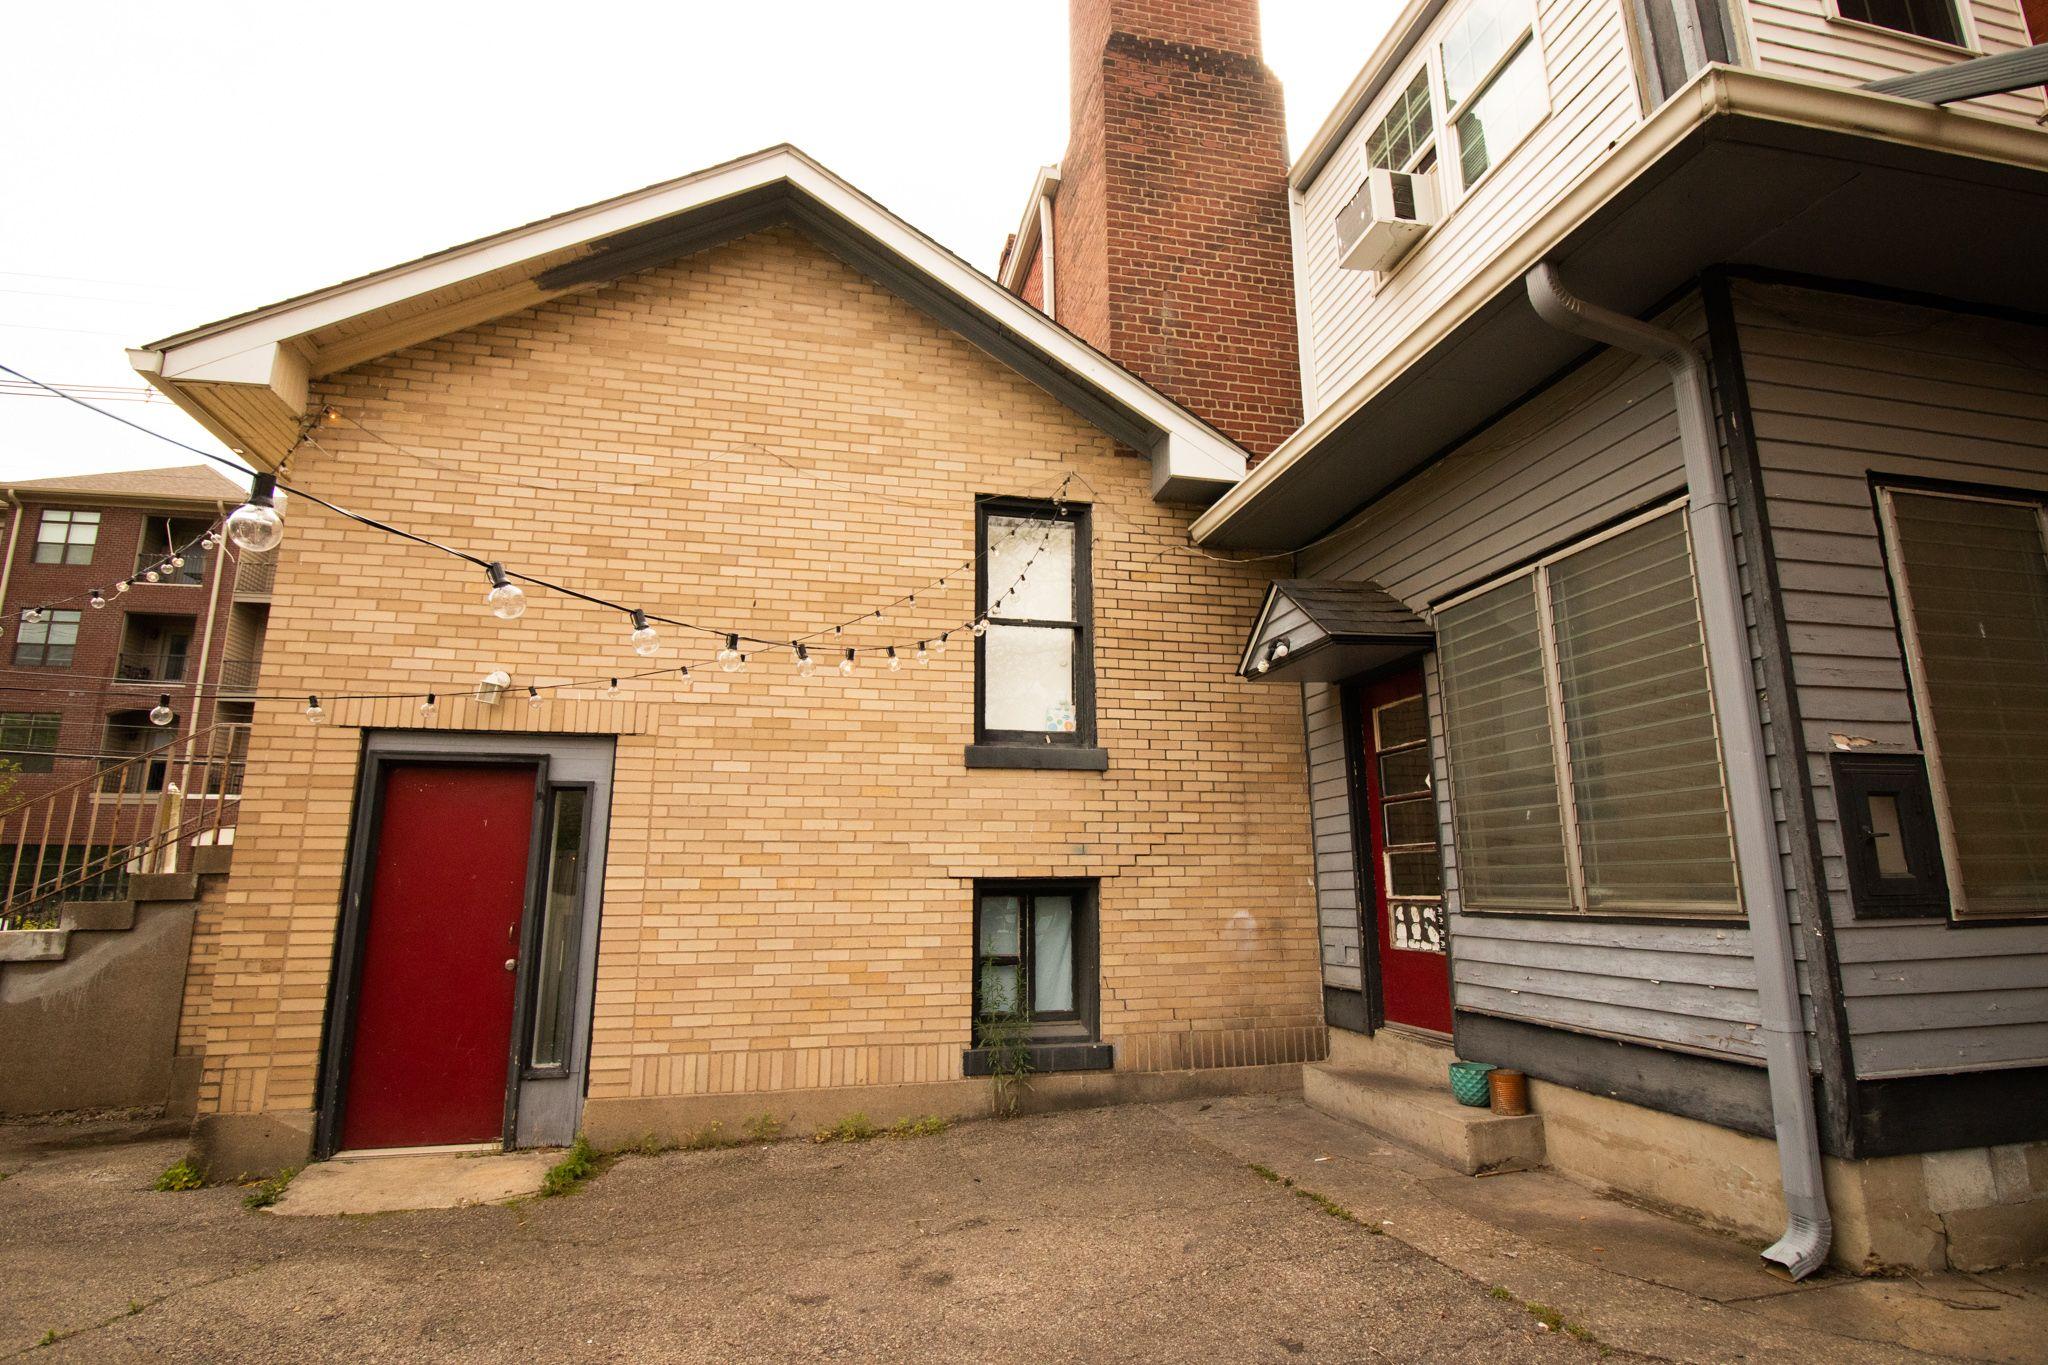 639 Baxter Ave (Image - 2)